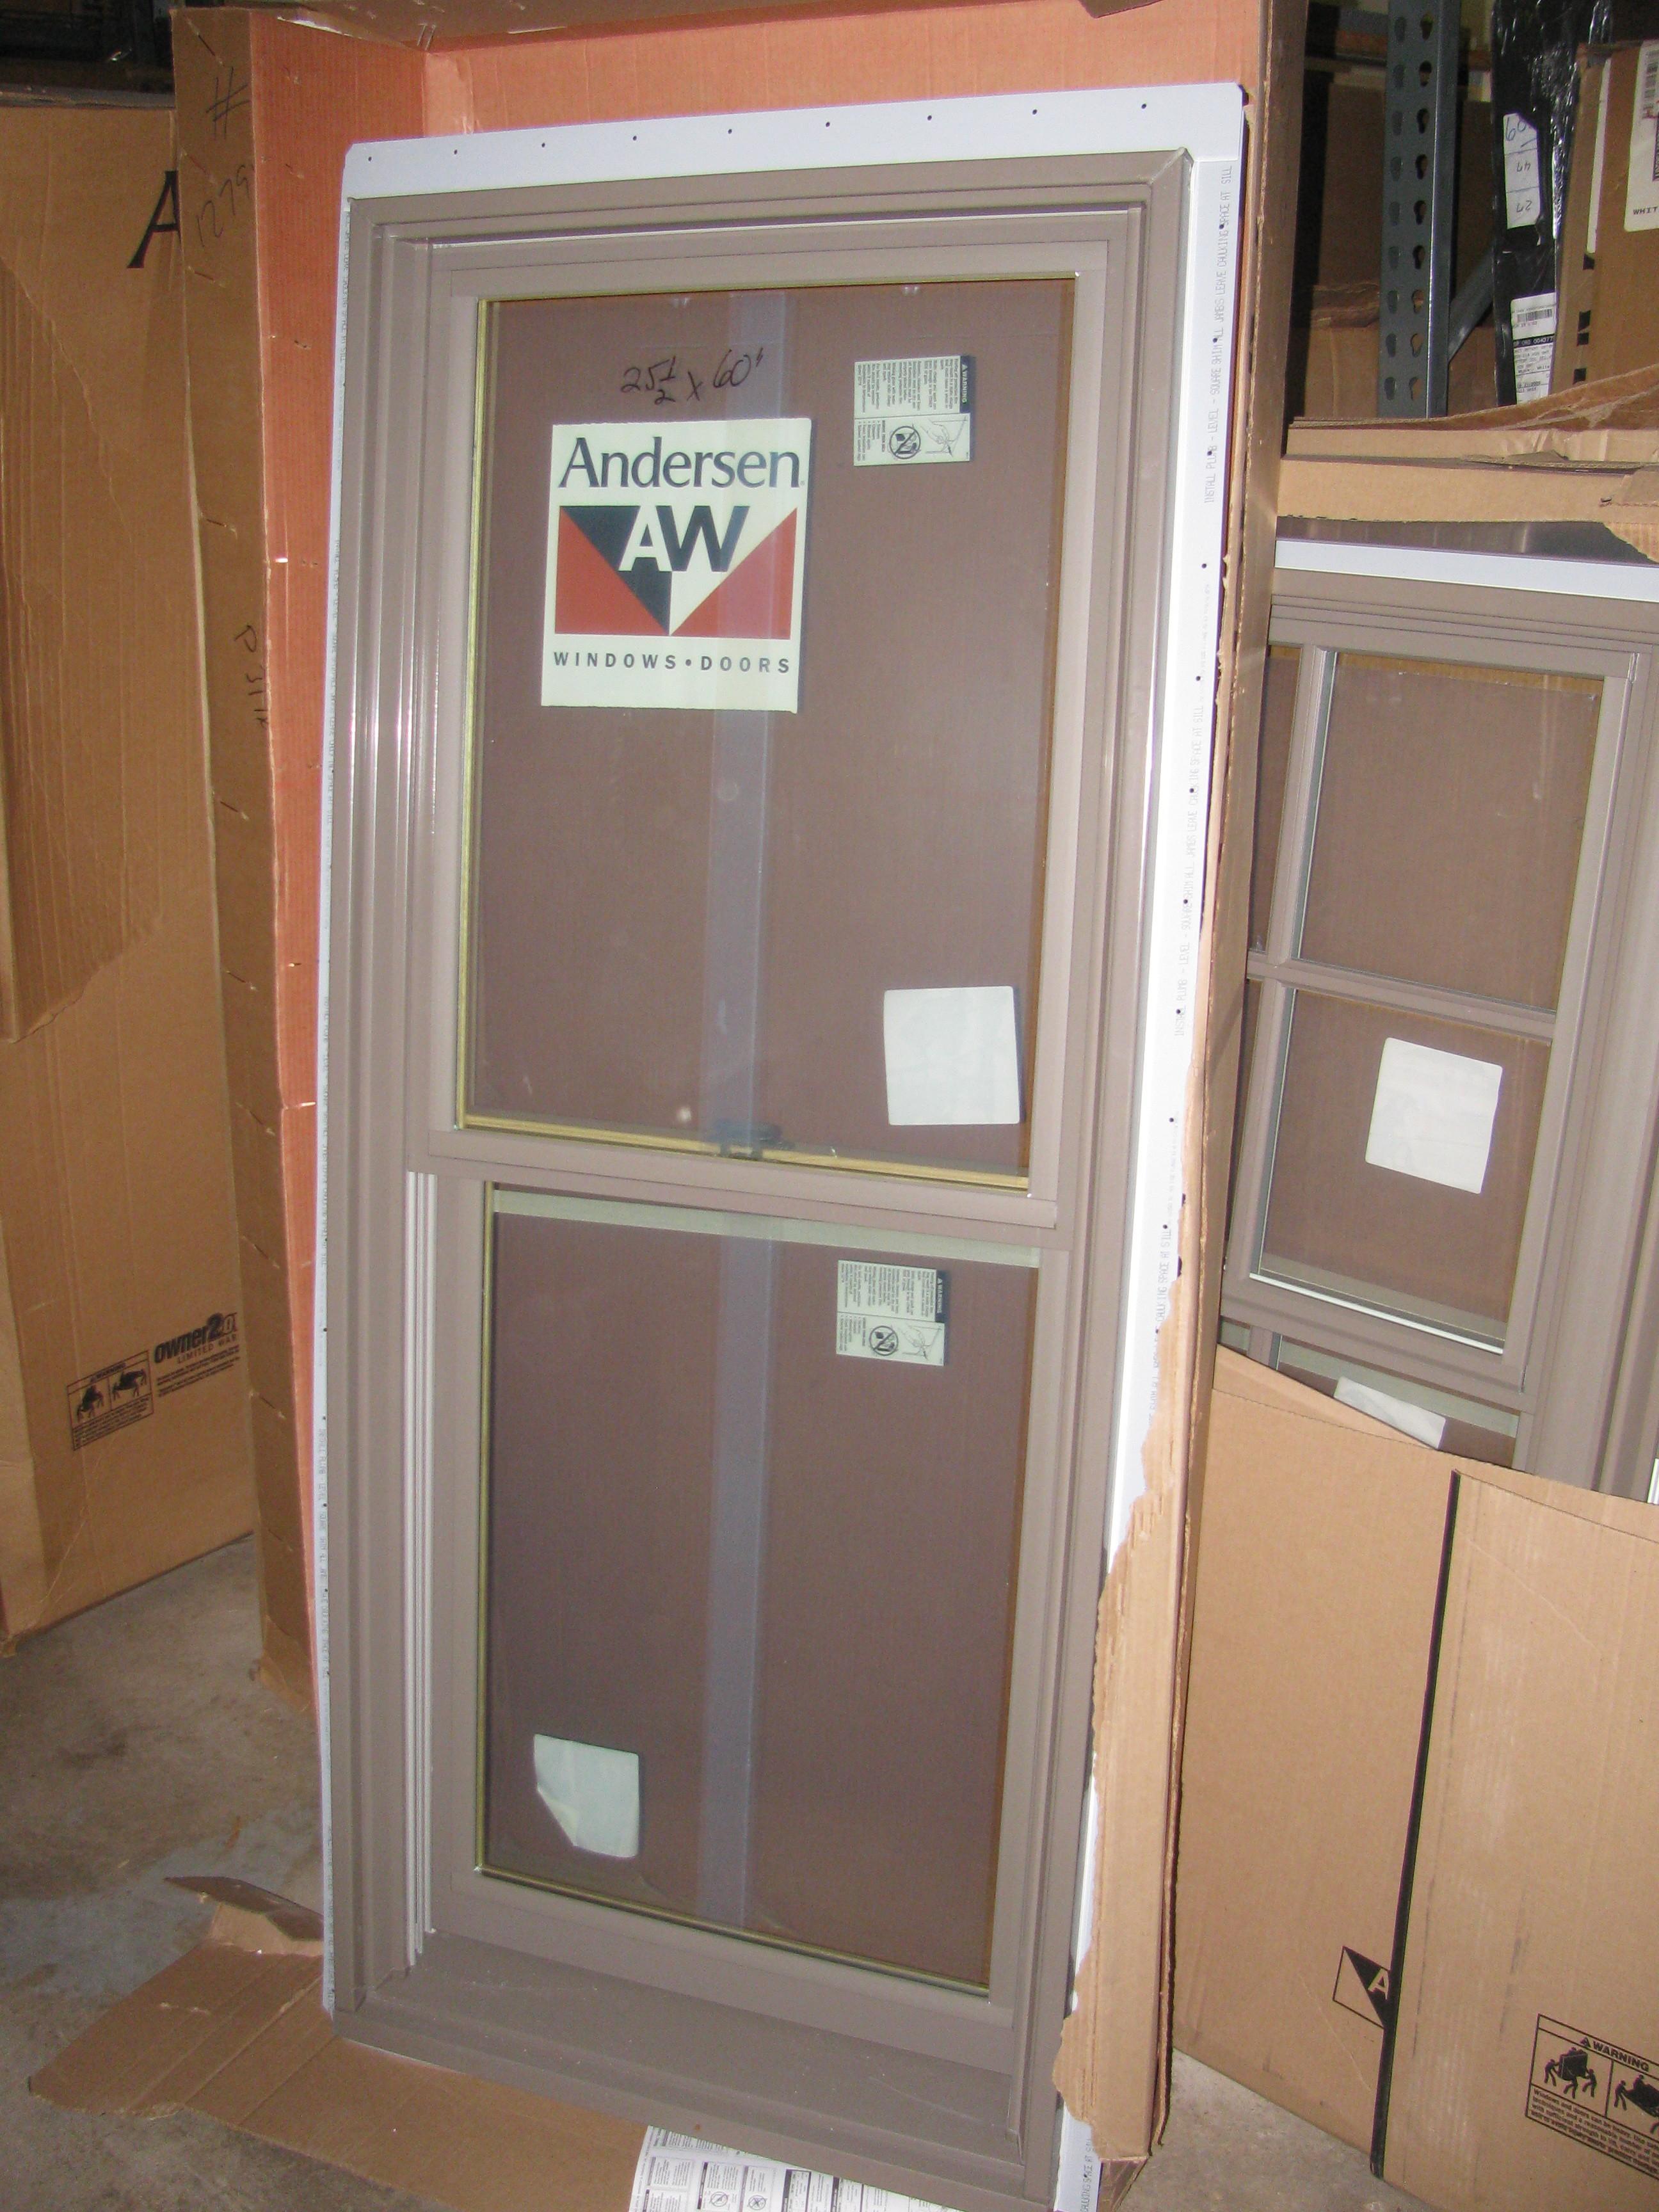 2 new andersen terratone double hung windows diggerslist for Andersen windows u factor